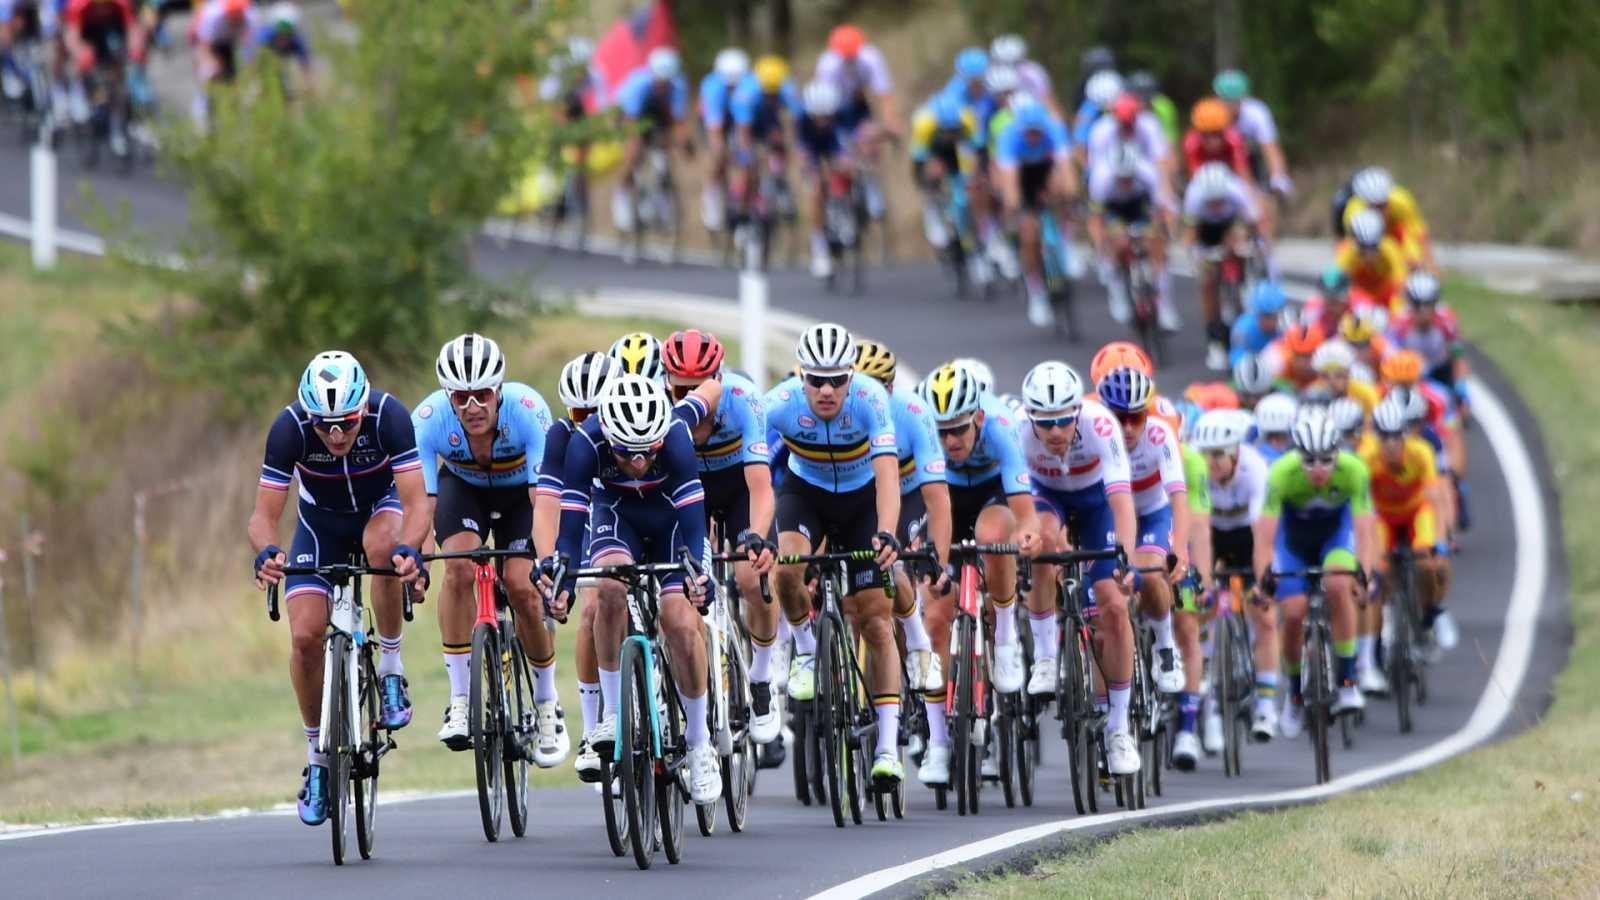 Ciclismo - Campeonato del Mundo en Ruta. Prueba élite masculina (3) - ver ahora